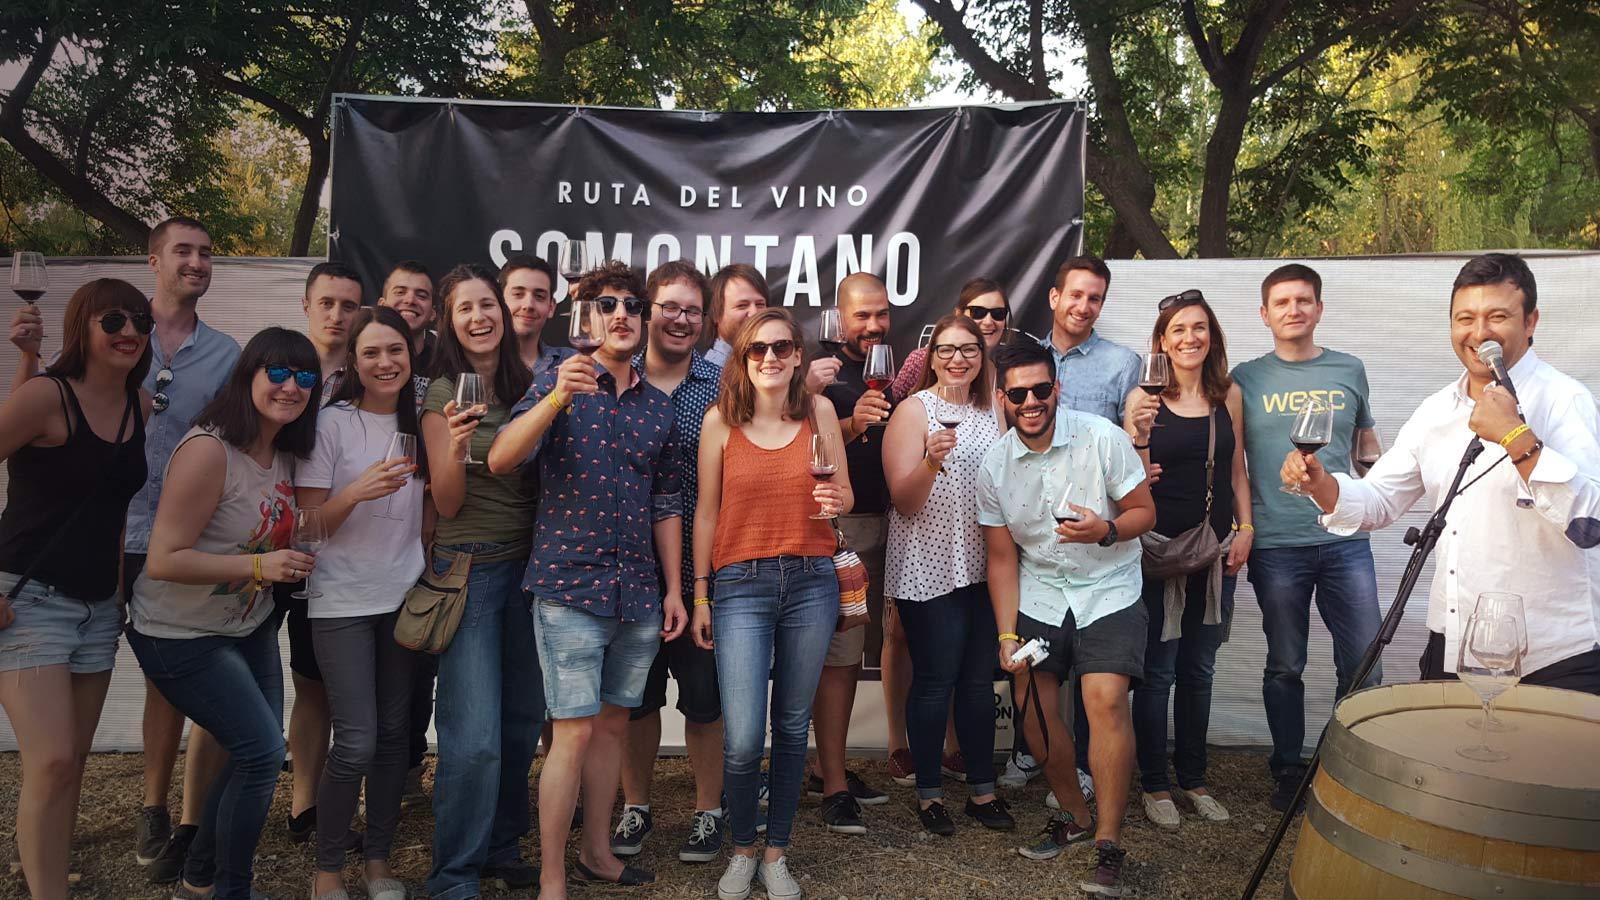 Rutas de vinos